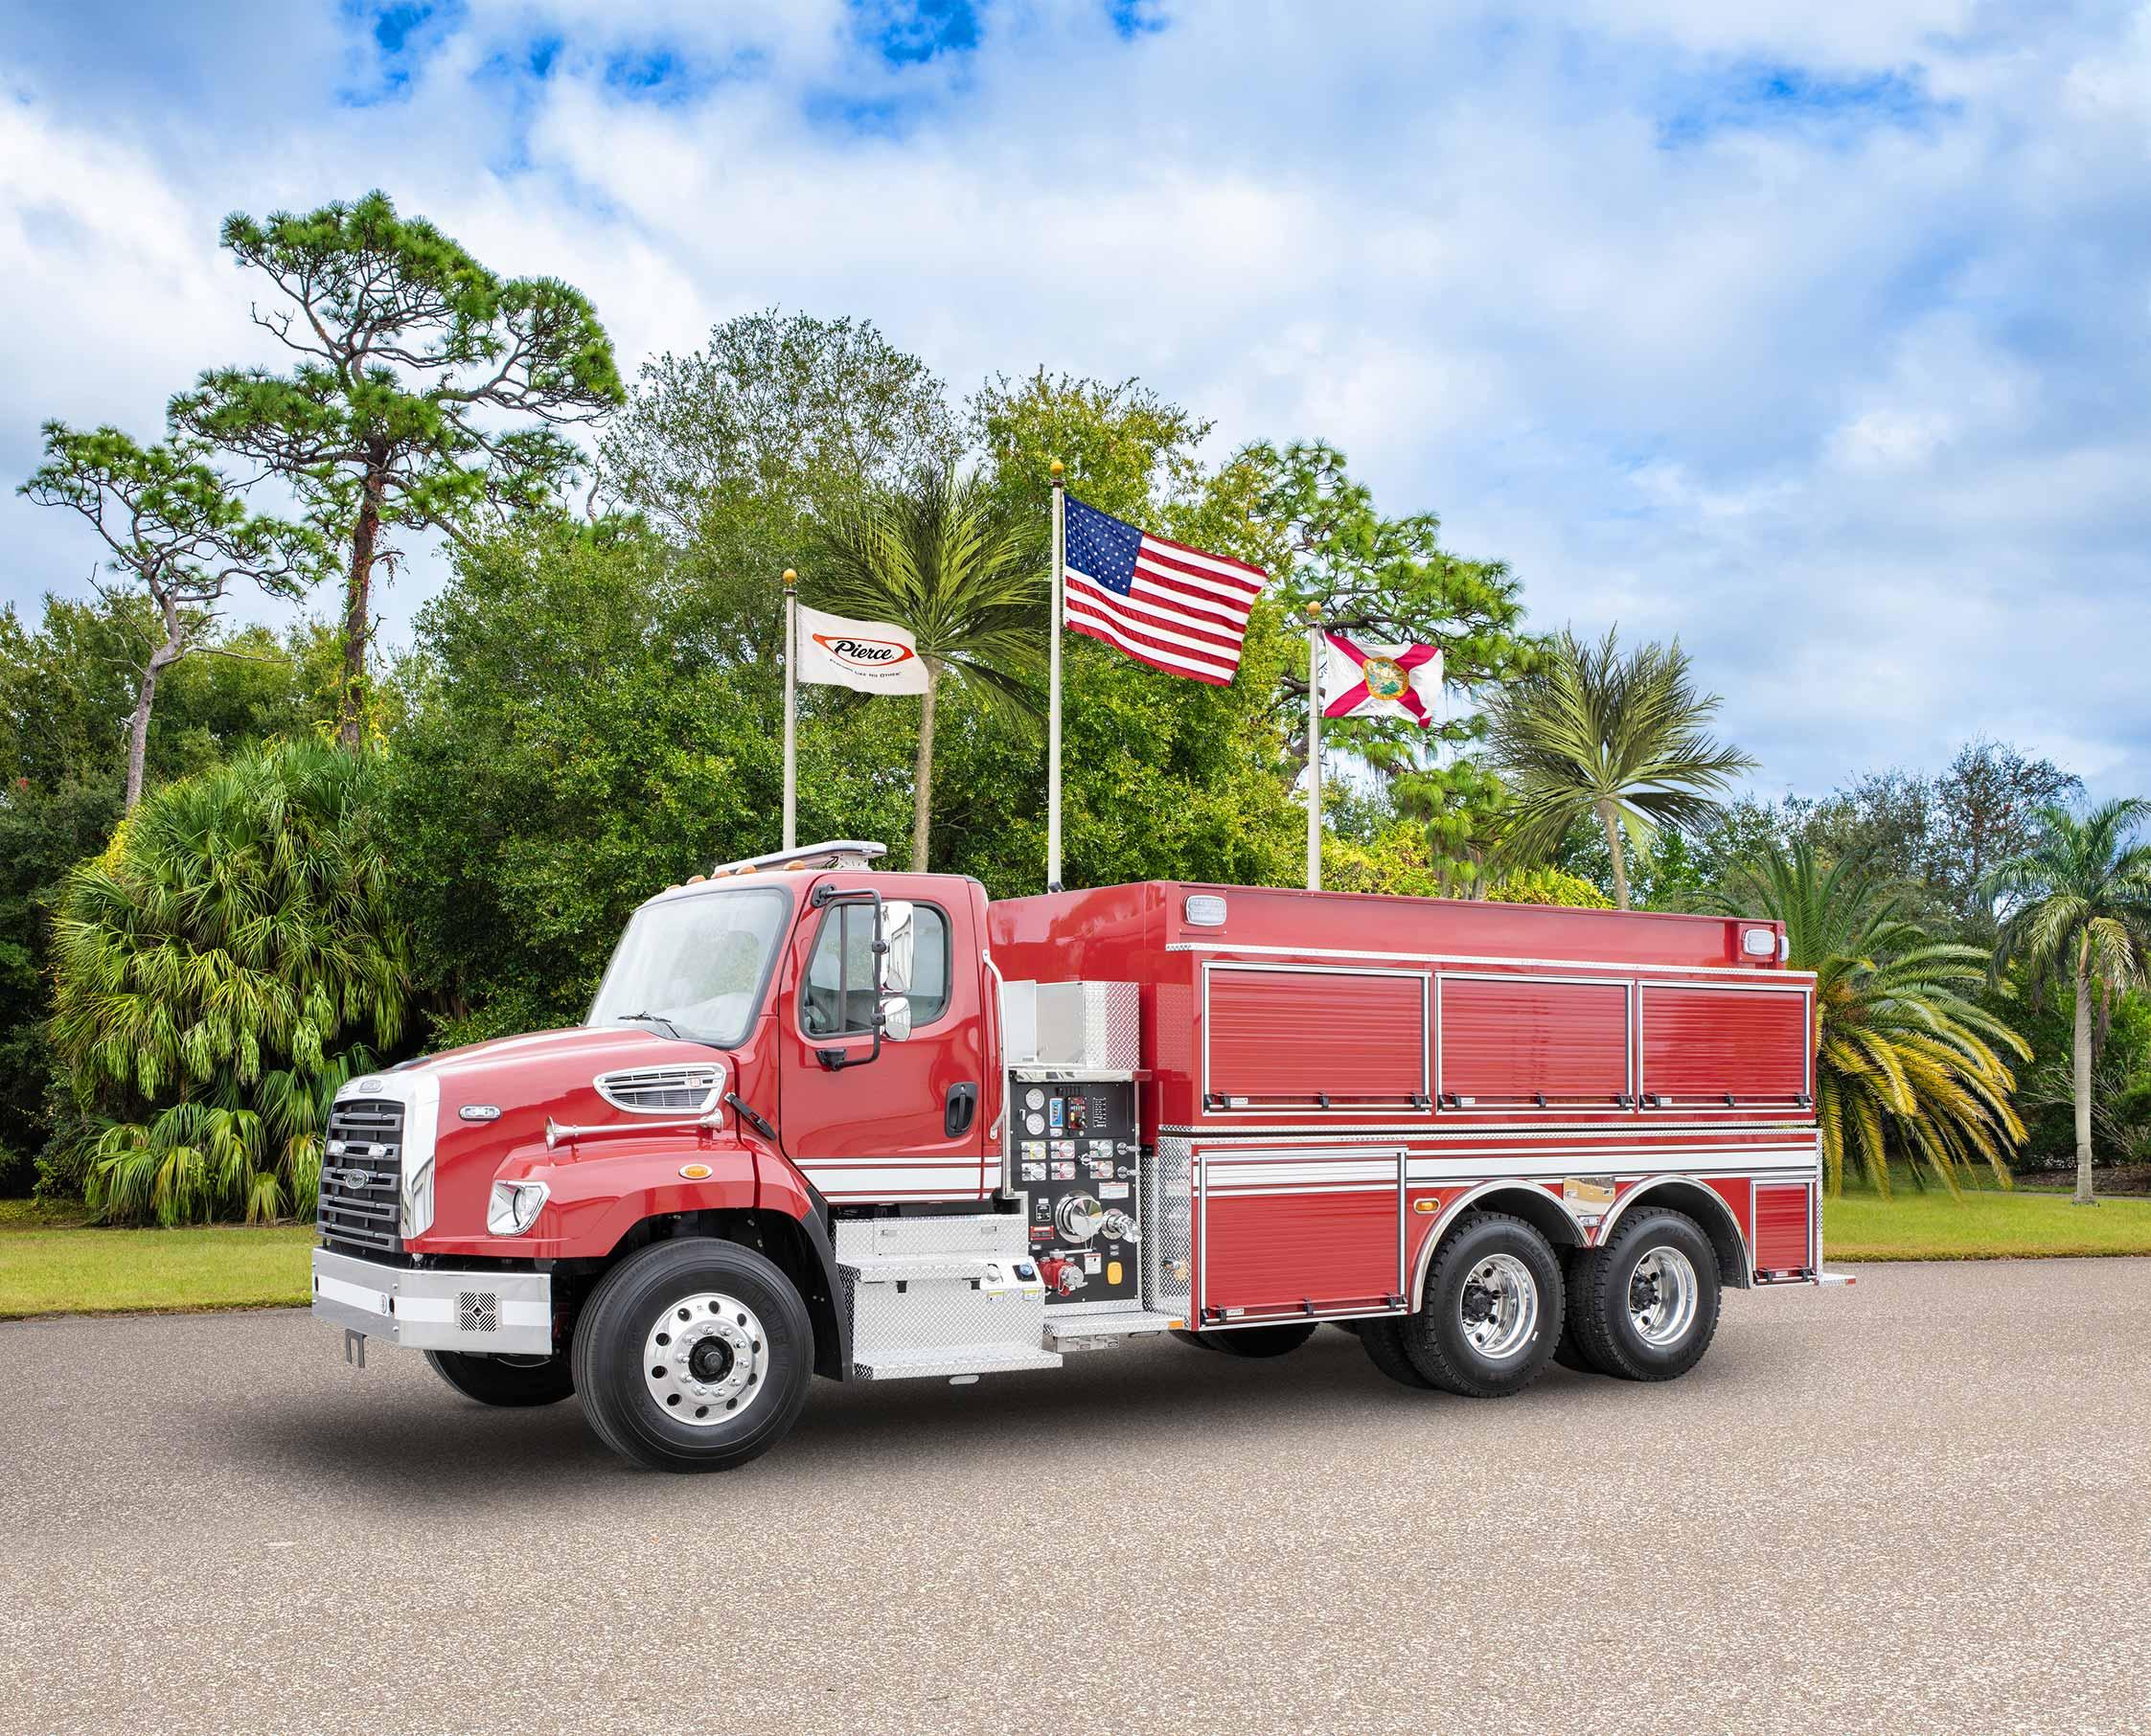 Genegantslet Fire Company - Tanker